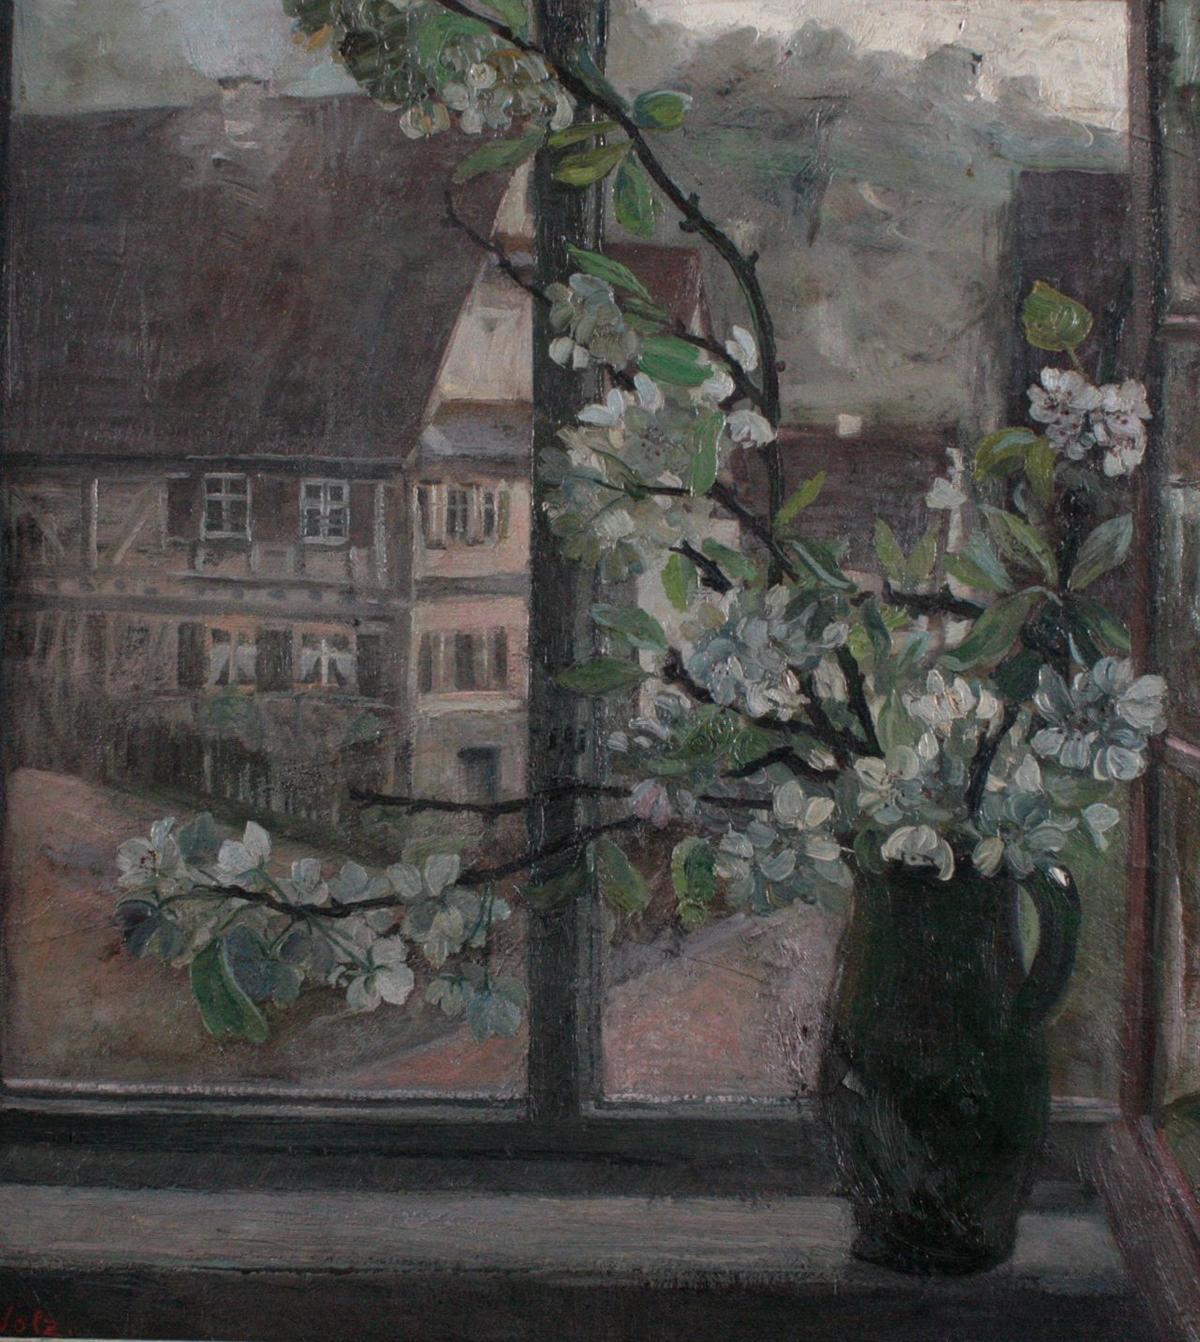 W. Volz (1855-1901), Fensterblick mit Fachwerkaus und Blumen-2